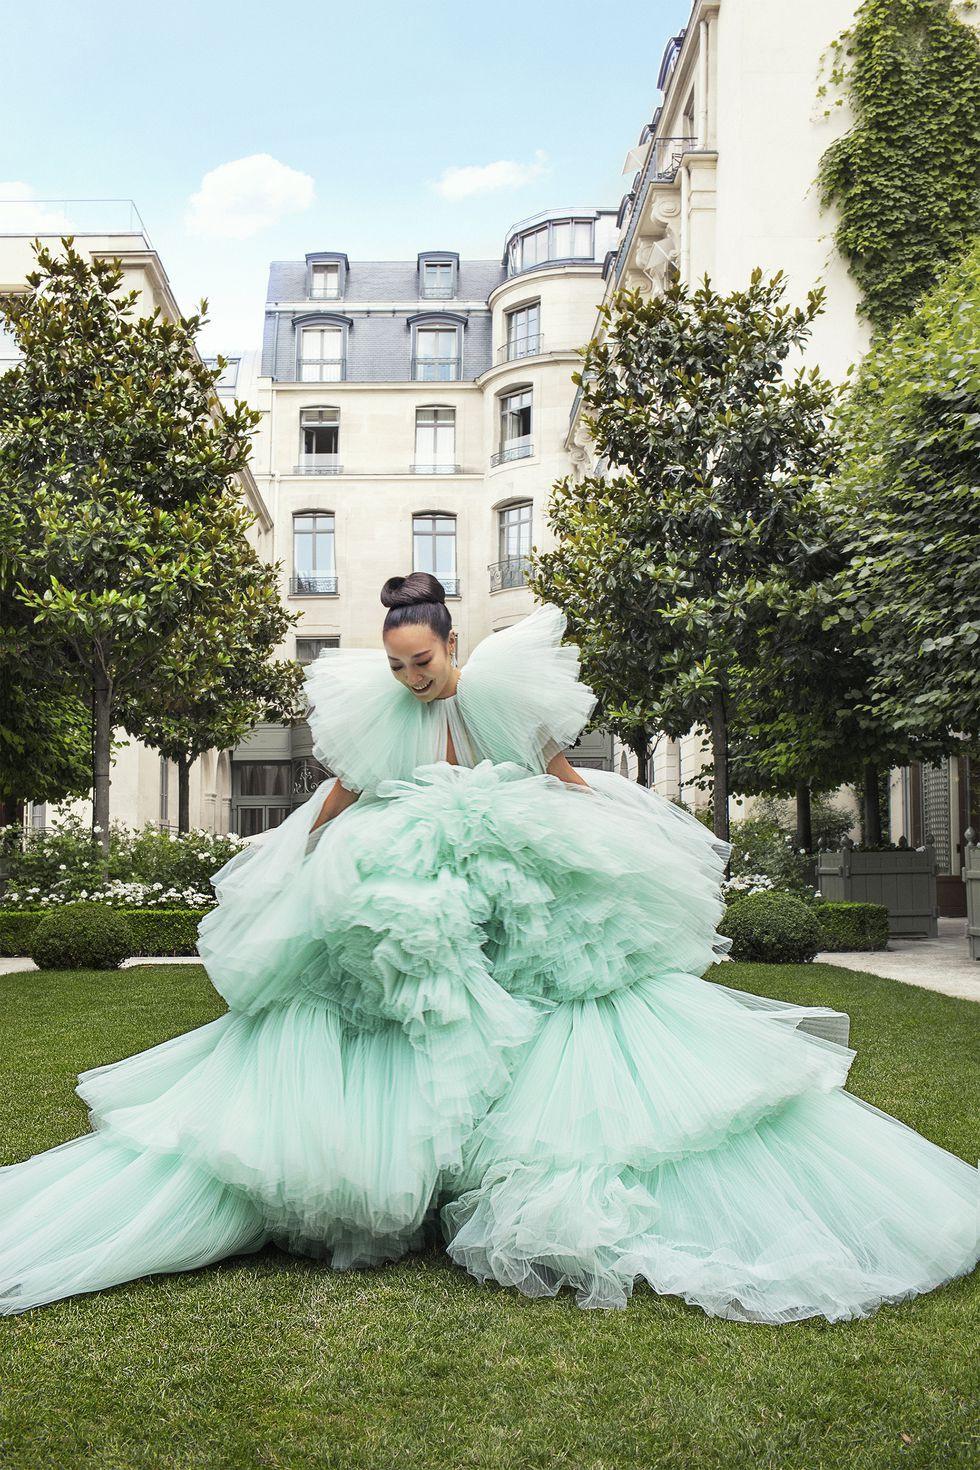 Crazy Rich Asians của đời thực: dự show thời trang từ năm 10 tuổi, mặc đồ Haute Couture như cơm bữa - Ảnh 3.